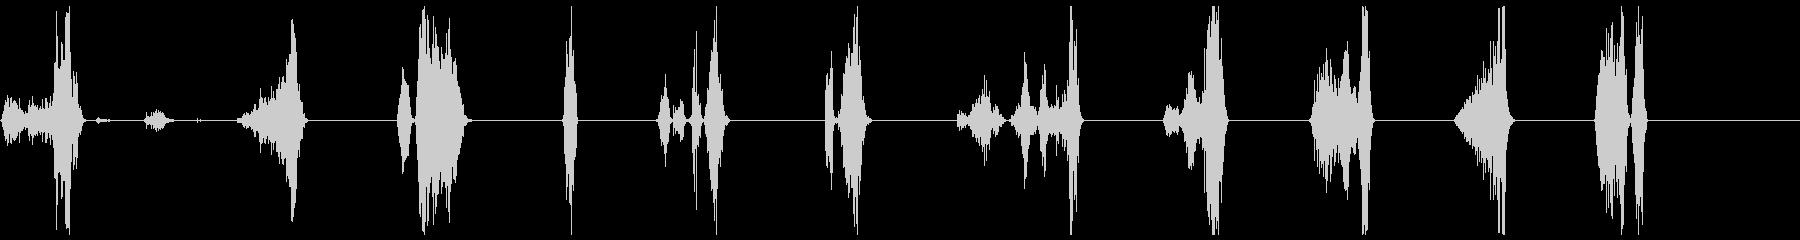 シングルバイト/ボーカルのみ21-30の未再生の波形